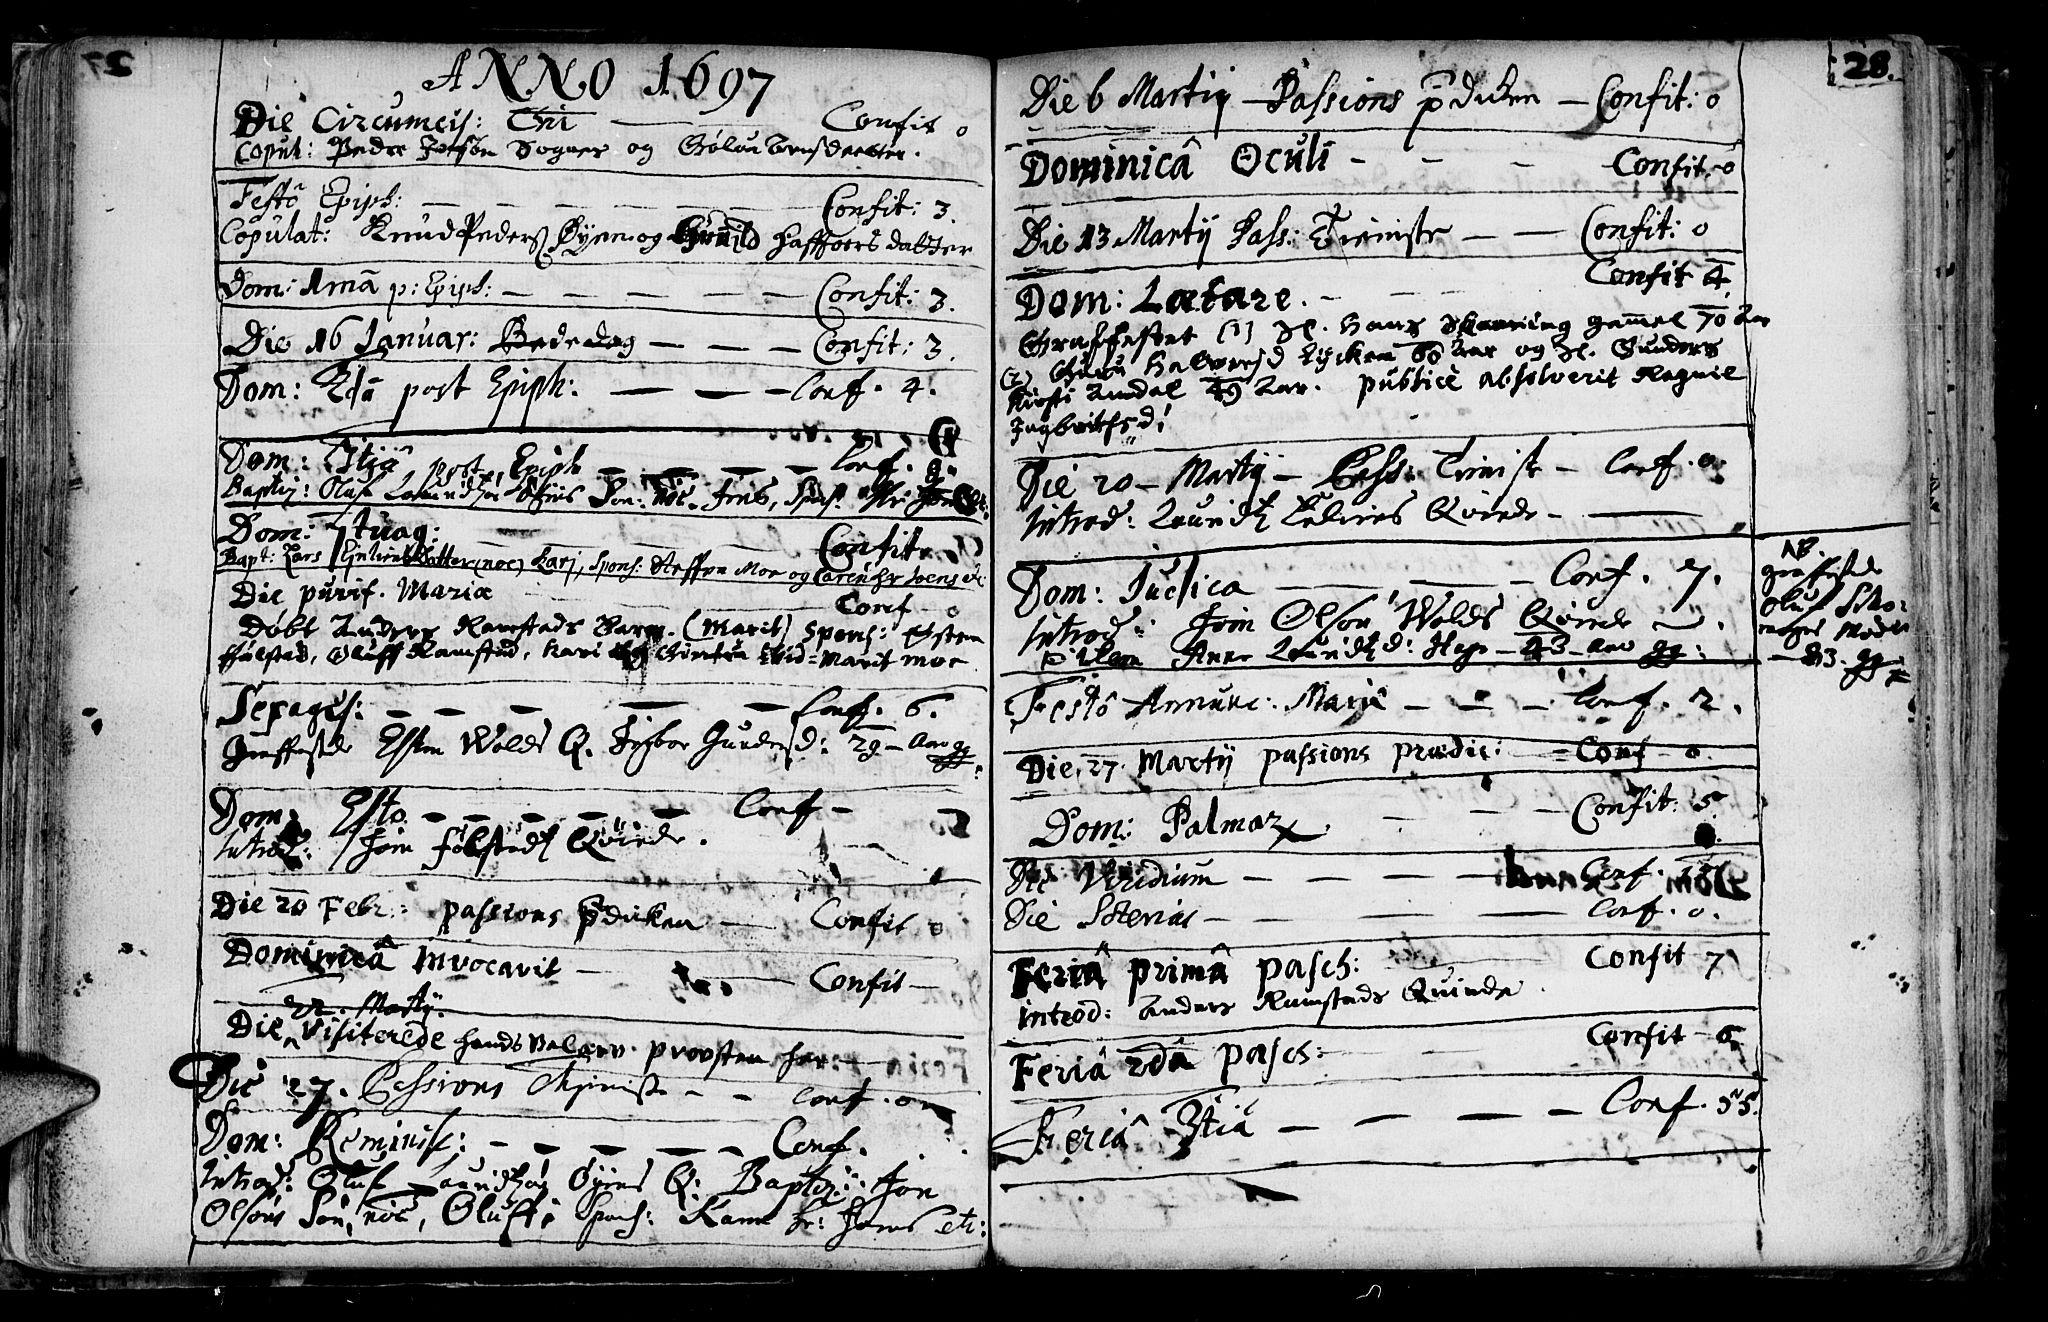 SAT, Ministerialprotokoller, klokkerbøker og fødselsregistre - Sør-Trøndelag, 687/L0990: Ministerialbok nr. 687A01, 1690-1746, s. 28